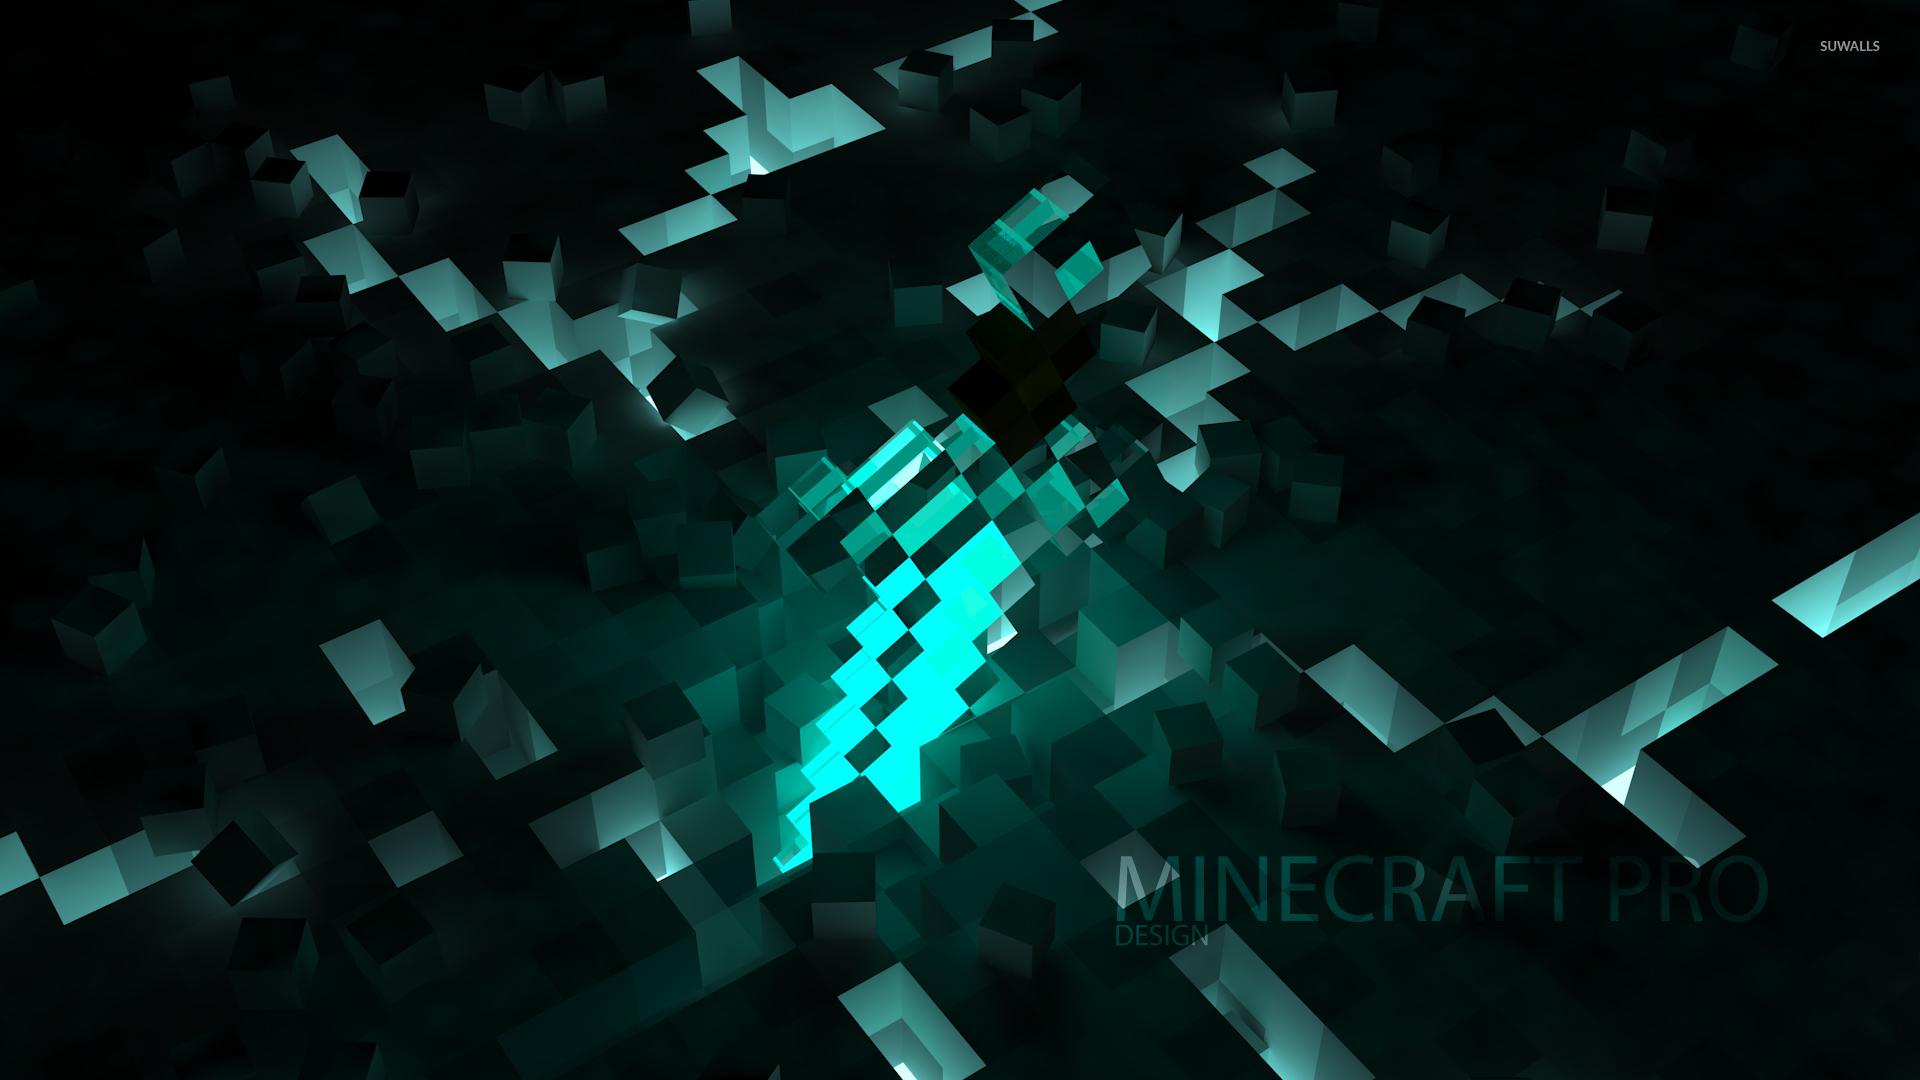 Minecraft Fondo De Pantalla Hd: Design In The Minecraft Pro Wallpaper